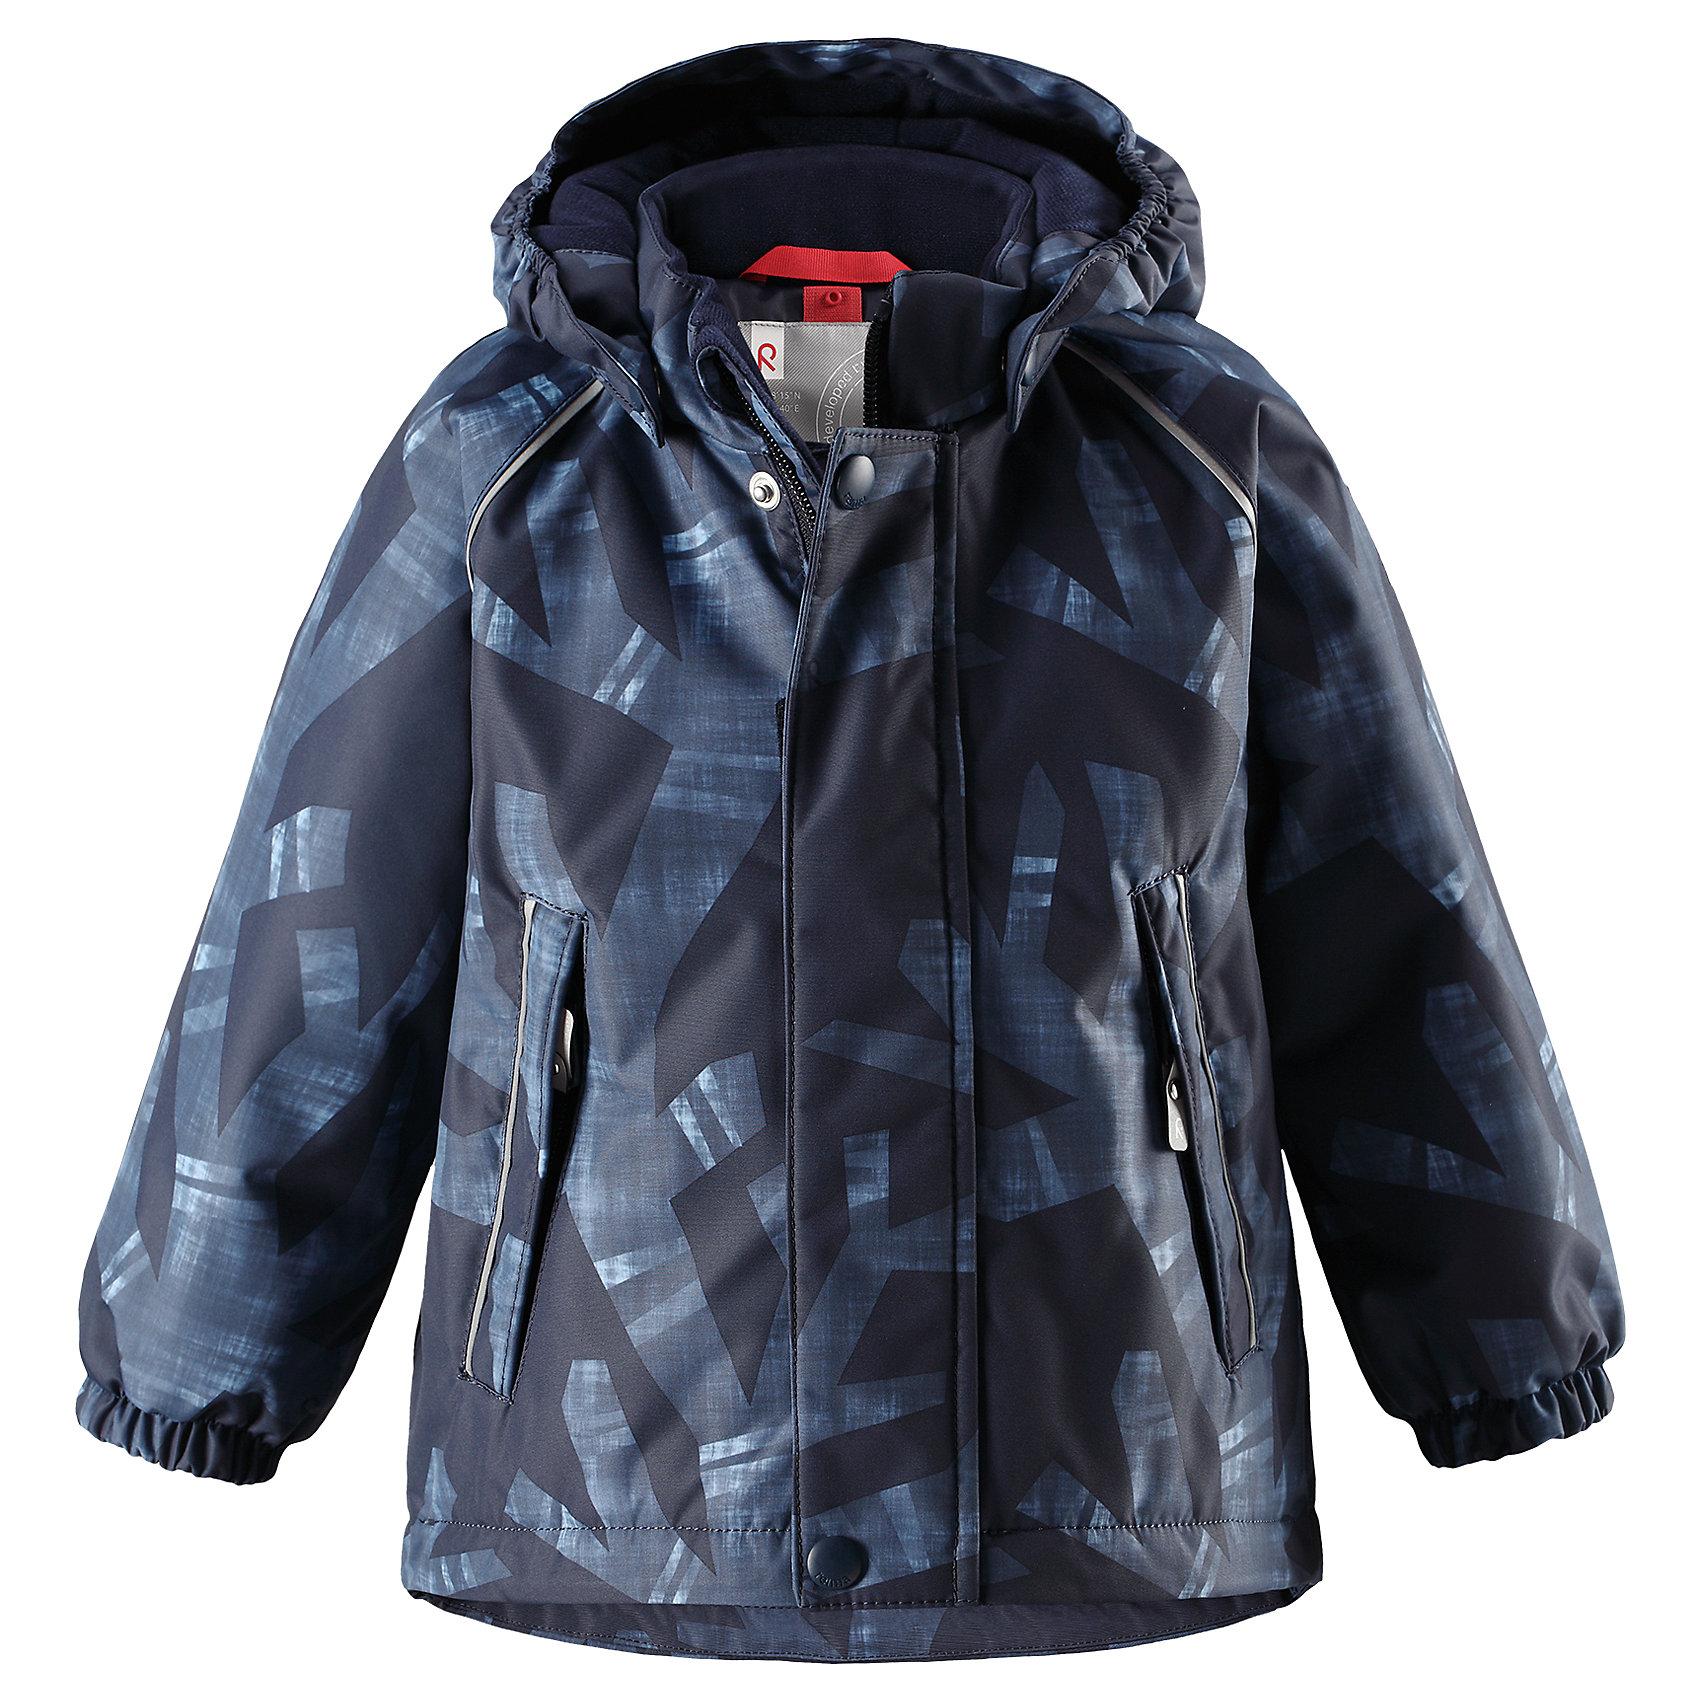 Куртка Reima Reimatec® Kuusi для мальчикаВерхняя одежда<br>Характеристики товара:<br><br>• цвет: синий <br>• состав: 100% полиэстер<br>• утеплитель: 100% полиэстер, 160 г/м2 (soft loft insulation)<br>• сезон: зима<br>• температурный режим: от 0 до -20С<br>• водонепроницаемость: 15000 мм<br>• воздухопроницаемость: 7000 мм<br>• износостойкость: 40000 циклов (тест Мартиндейла)<br>• особенности модели: с рисунком, с мехом<br>• основные швы проклеены и не пропускают влагу<br>• водо- и ветронепроницаемый, дышащий и грязеотталкивающий материал<br>• гладкая подкладка из полиэстера<br>• безопасный, съемный капюшон на кнопках<br>• съемный искусственный мех на капюшоне<br>• защита подбородка от защемления<br>• эластичные манжеты<br>• регулируемый подол<br>• застежка: молния<br>• дополнительная планка на кнопках<br>• два кармана на молнии<br>• светоотражающие детали<br>• страна бренда: Финляндия<br>• страна изготовитель: Китай<br><br>Зимняя куртка с капюшоном для мальчика. Все швы проклеены и водонепроницаемы, а сама она изготовлена из водо и ветронепроницаемого, грязеотталкивающего материала. Гладкая подкладка и длинная застежка на молнии облегчают надевание.<br><br>Съемный капюшон защищает от ветра, к тому же он абсолютно безопасен – легко отстегнется, если вдруг за что-нибудь зацепится. Маленькие карманы на молнии надежно сохранят все сокровища. Обратите внимание: куртку можно сушить в сушильной машине. Зимняя куртка на молнии для мальчика декорирована абстрактным рисунком.<br><br>Куртка Kuusi для мальчика Reimatec® Reima от финского бренда Reima (Рейма) можно купить в нашем интернет-магазине.<br><br>Ширина мм: 356<br>Глубина мм: 10<br>Высота мм: 245<br>Вес г: 519<br>Цвет: синий<br>Возраст от месяцев: 12<br>Возраст до месяцев: 15<br>Пол: Мужской<br>Возраст: Детский<br>Размер: 80,98,86,92<br>SKU: 6908250